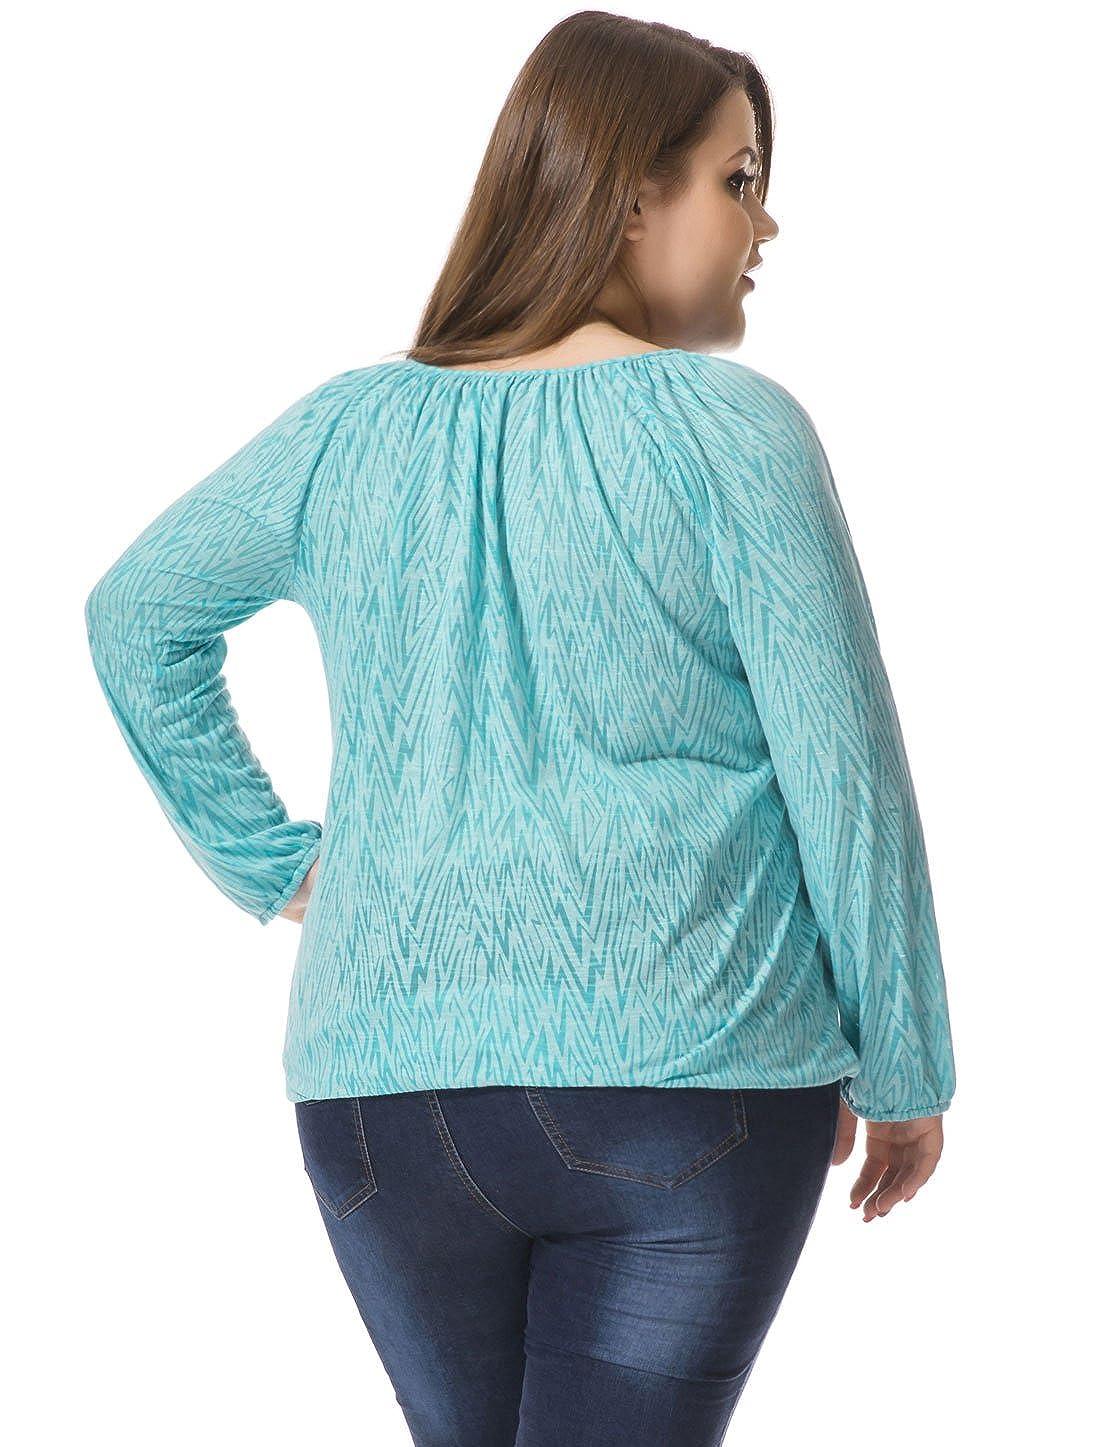 Allegra K Mujer Talla Grande Forma Geométrica con Borlas Corbatas Campesina Blusa - Sintético, Azul, 40% Algodón. 60% Poliéster, Mujer, 1X: Amazon.es: Ropa ...